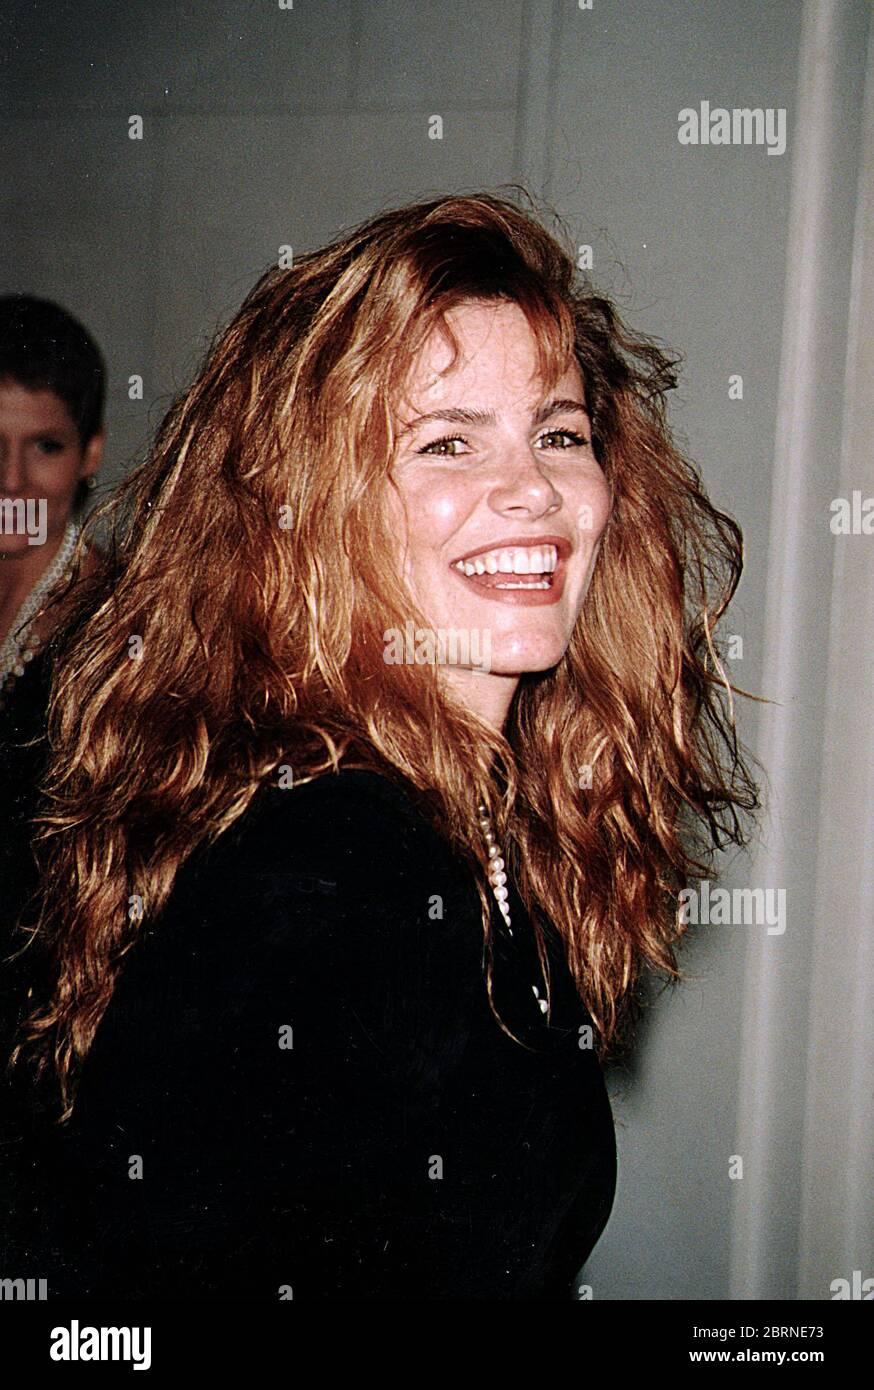 Tawny Kitaen Bei Der Donald Trump Und Marla Maples Hochzeit -12/20/93. Quelle: John Barrett/PhotoLink/MediaPunch Stockfoto